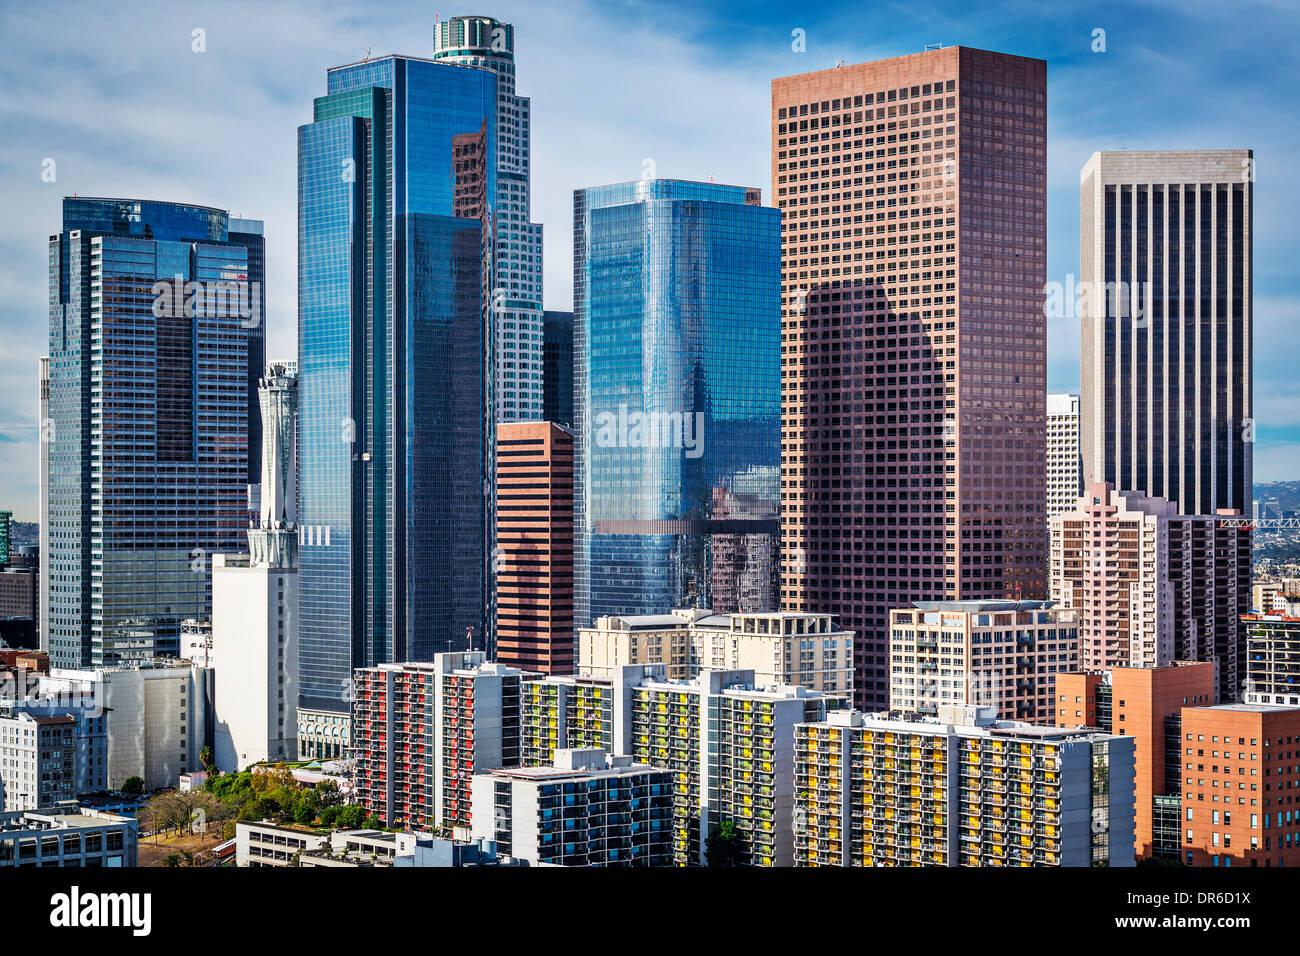 Los Angeles, California, Stati Uniti d'America downtown cityscape. Immagini Stock